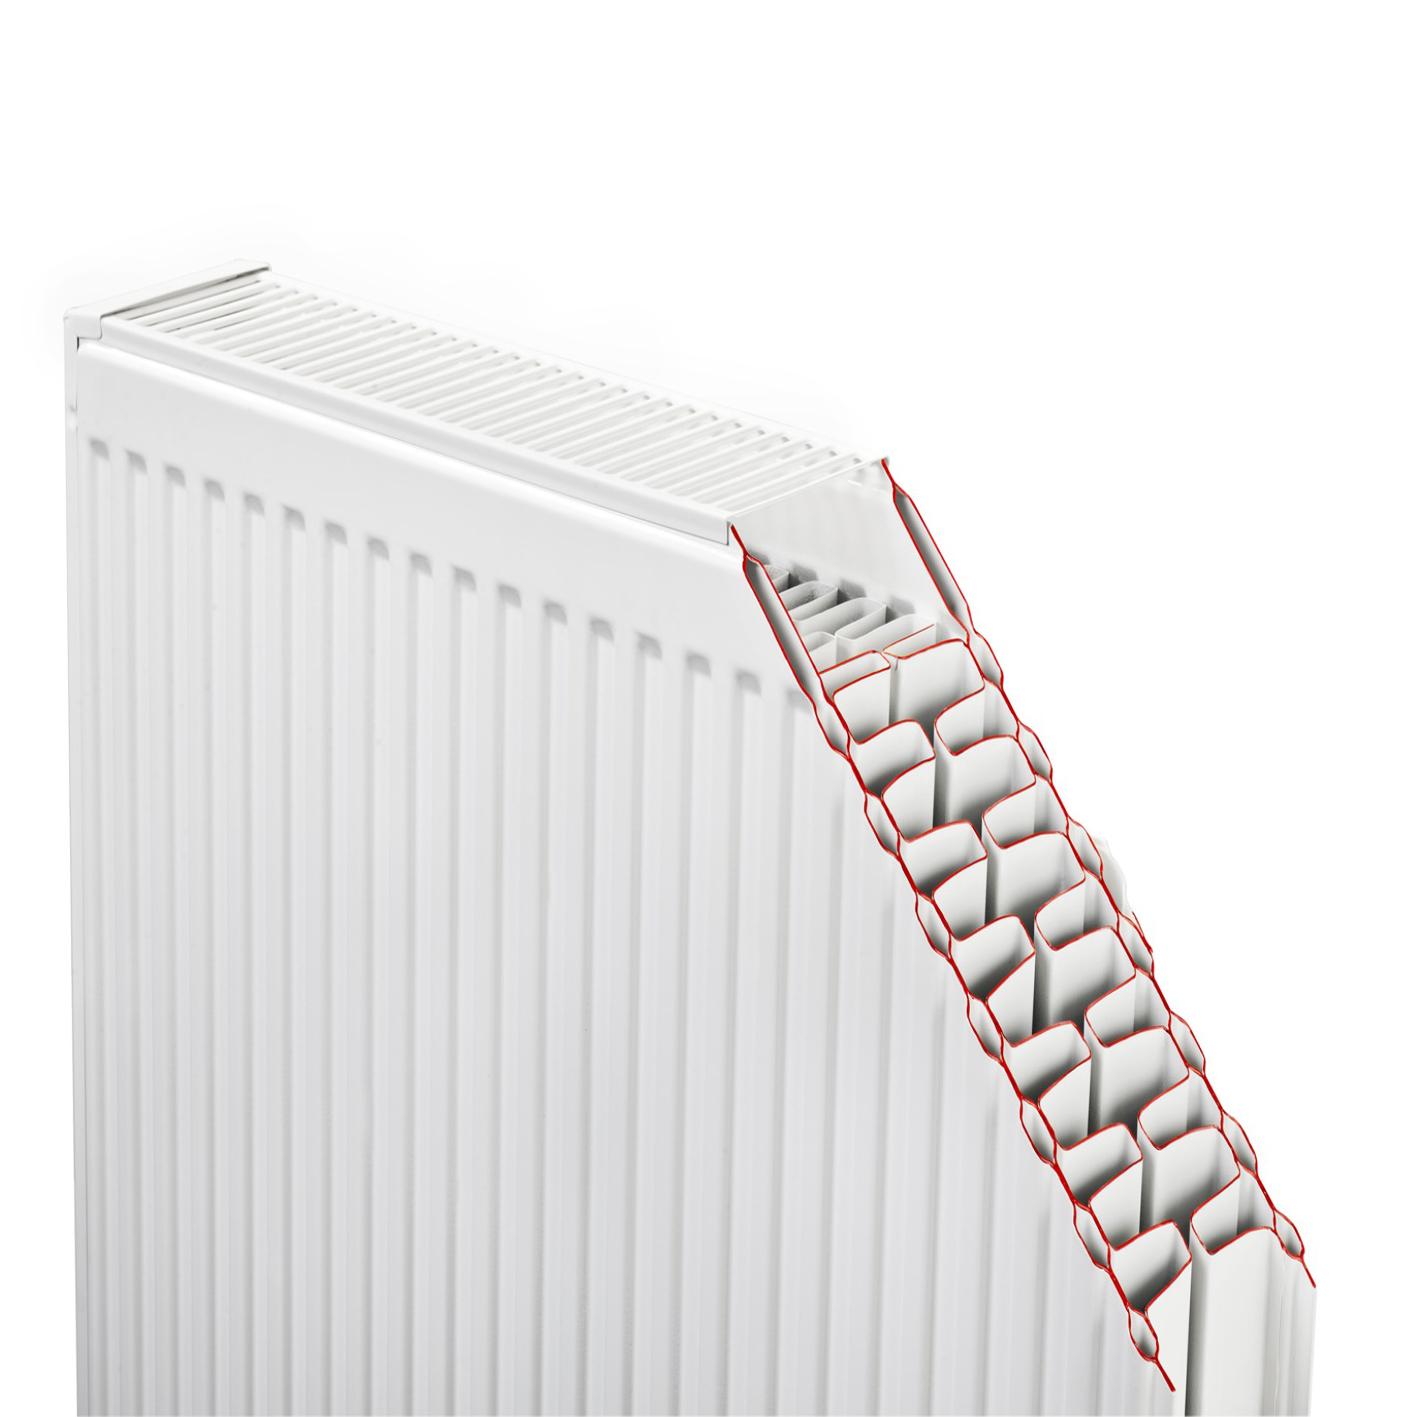 Dlüx 600x700 Panel Radyatör